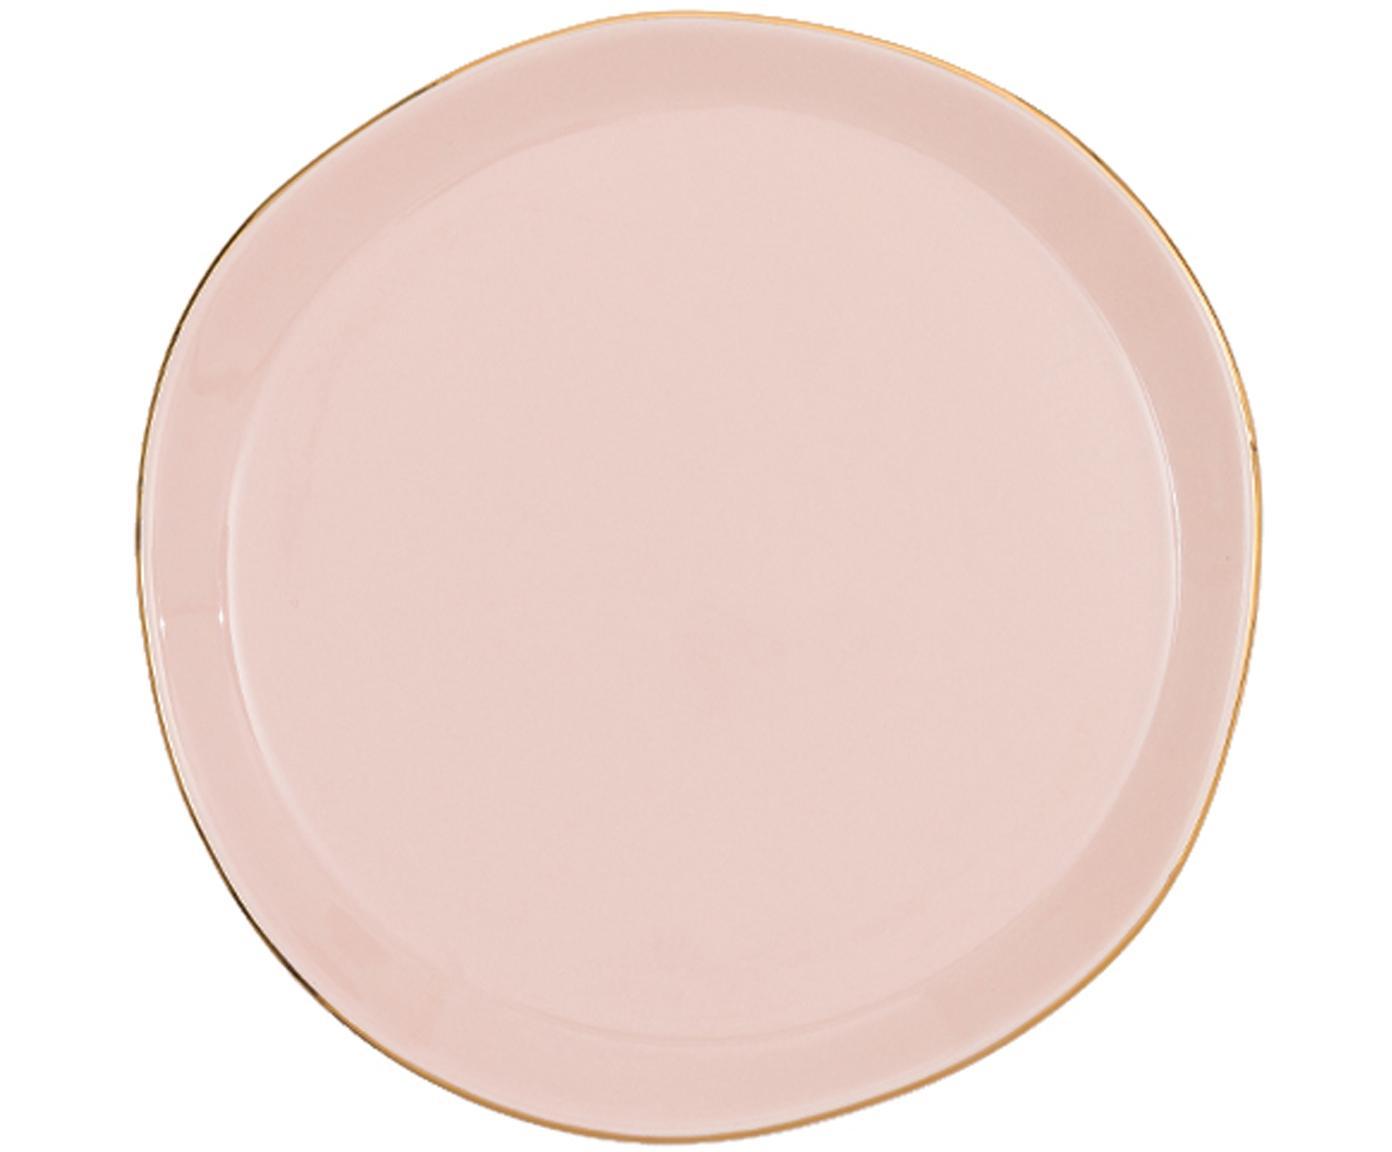 Plato postre Good Morning, Porcelana, Rosa, dorado, Ø 17 cm